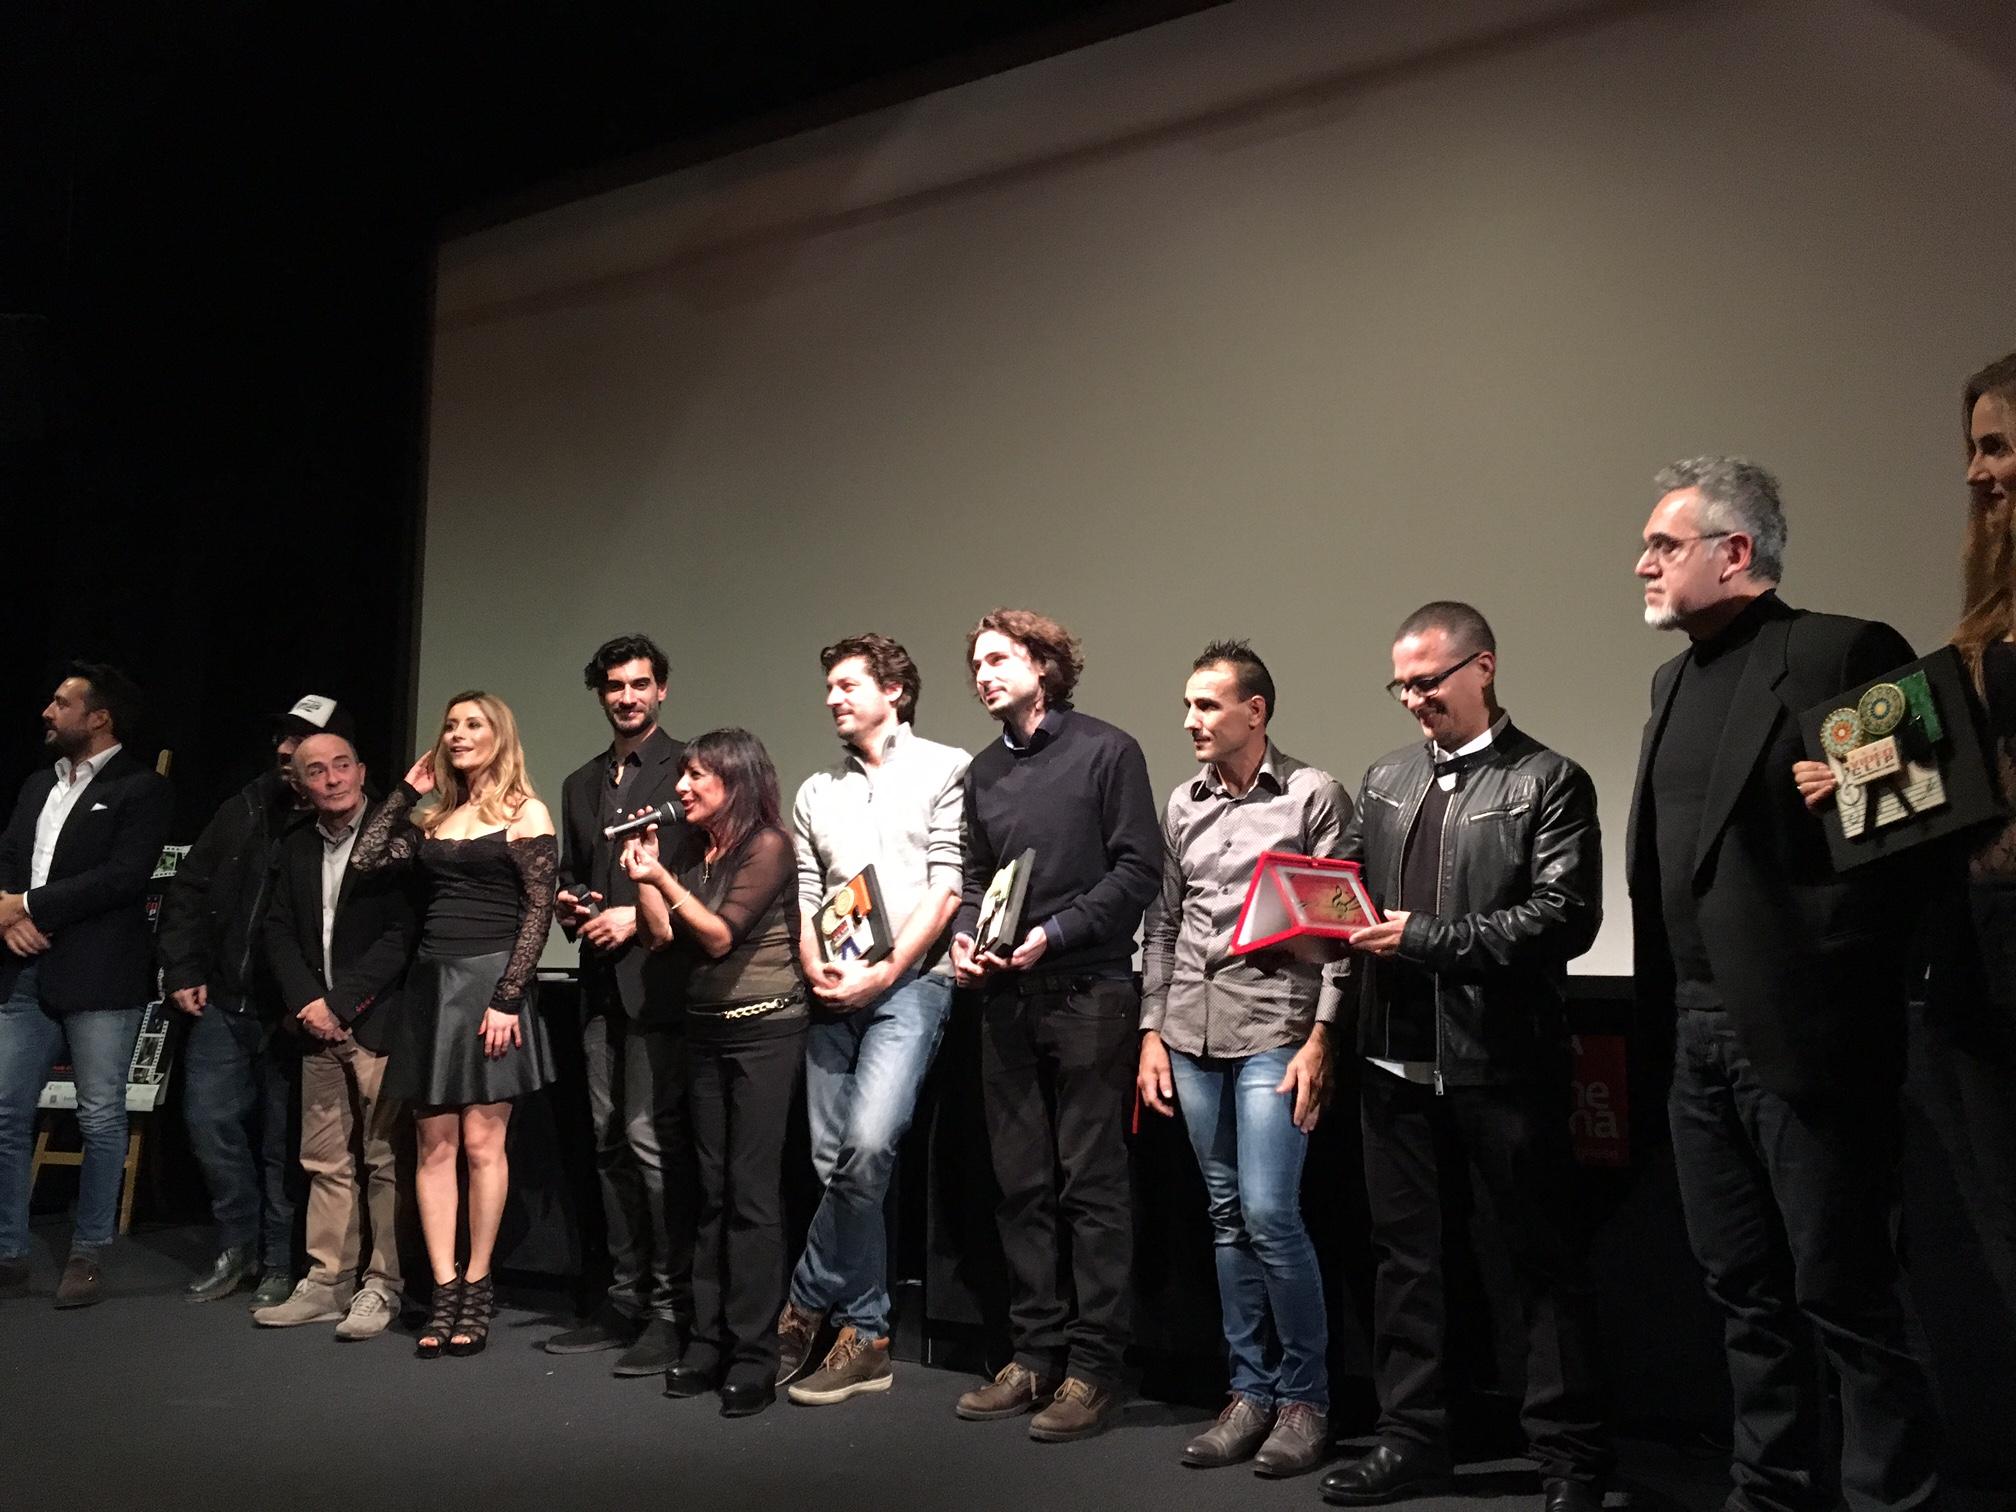 Musica e cinema connubio vincente RomaVideoClip 2015 – Il cinema incontra la musica XIII edizione È stata una grande serata di musica e cinema quella della tredicesima edizione di RomaVideoclip […]